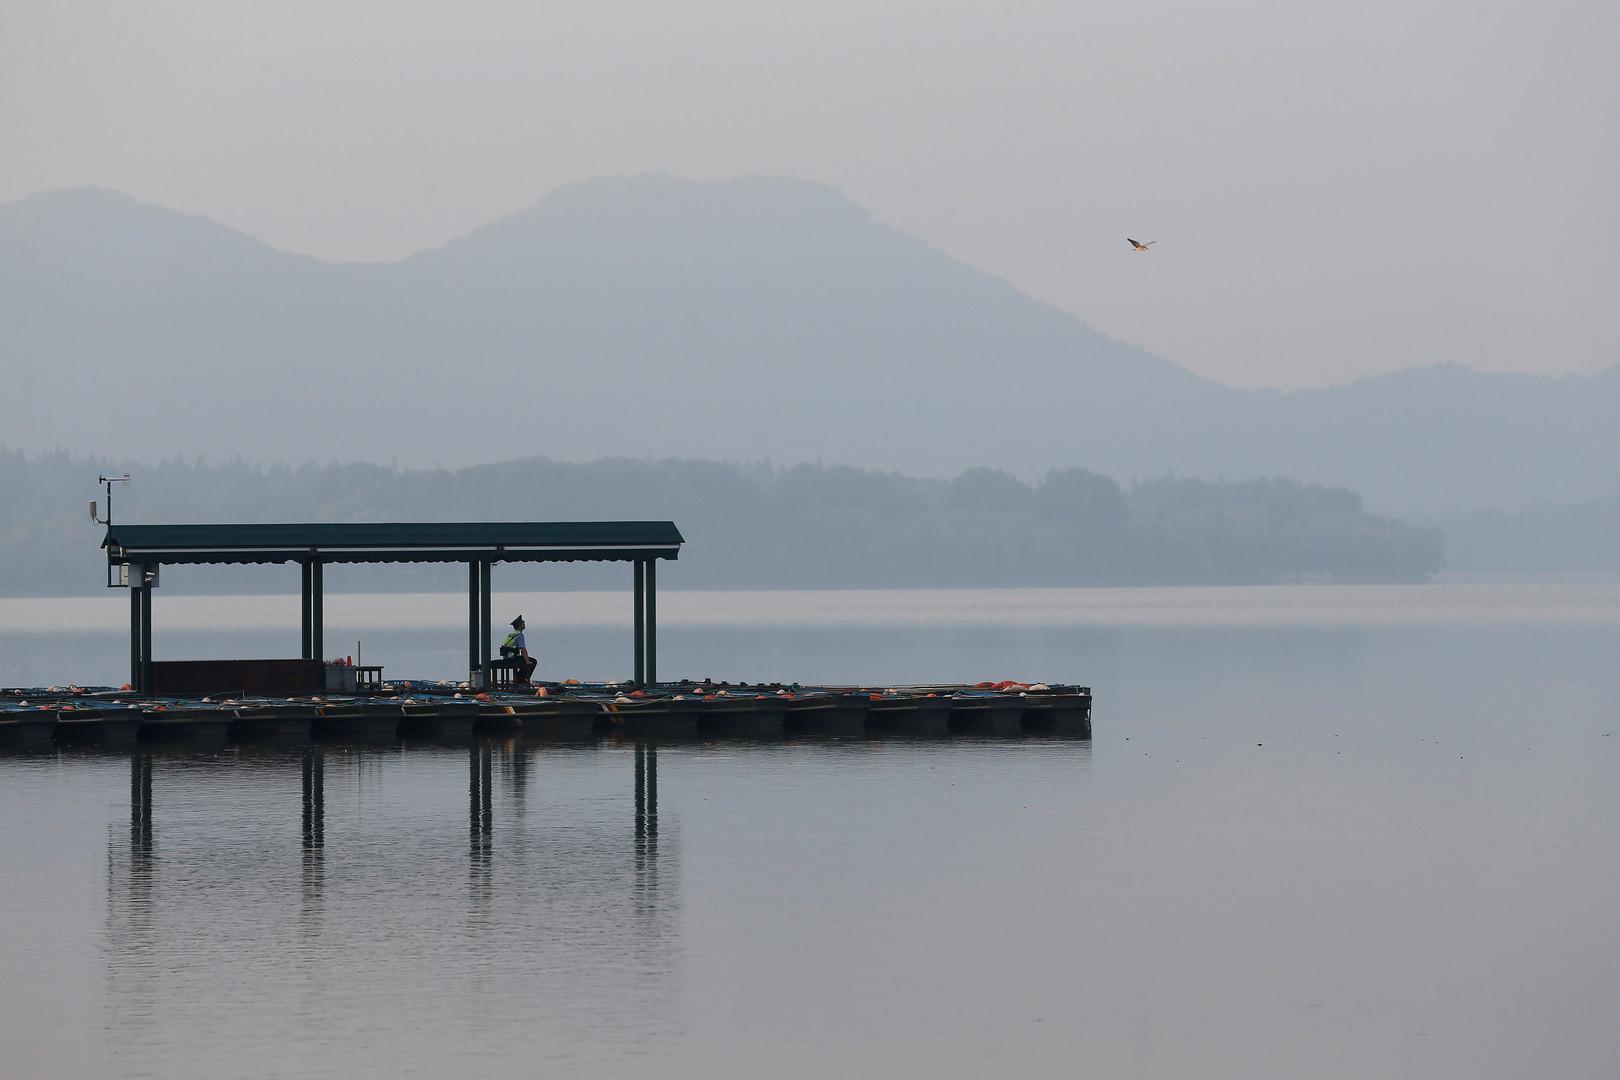 Sicherheitsmann überwacht den Westsee bei Hangzhou